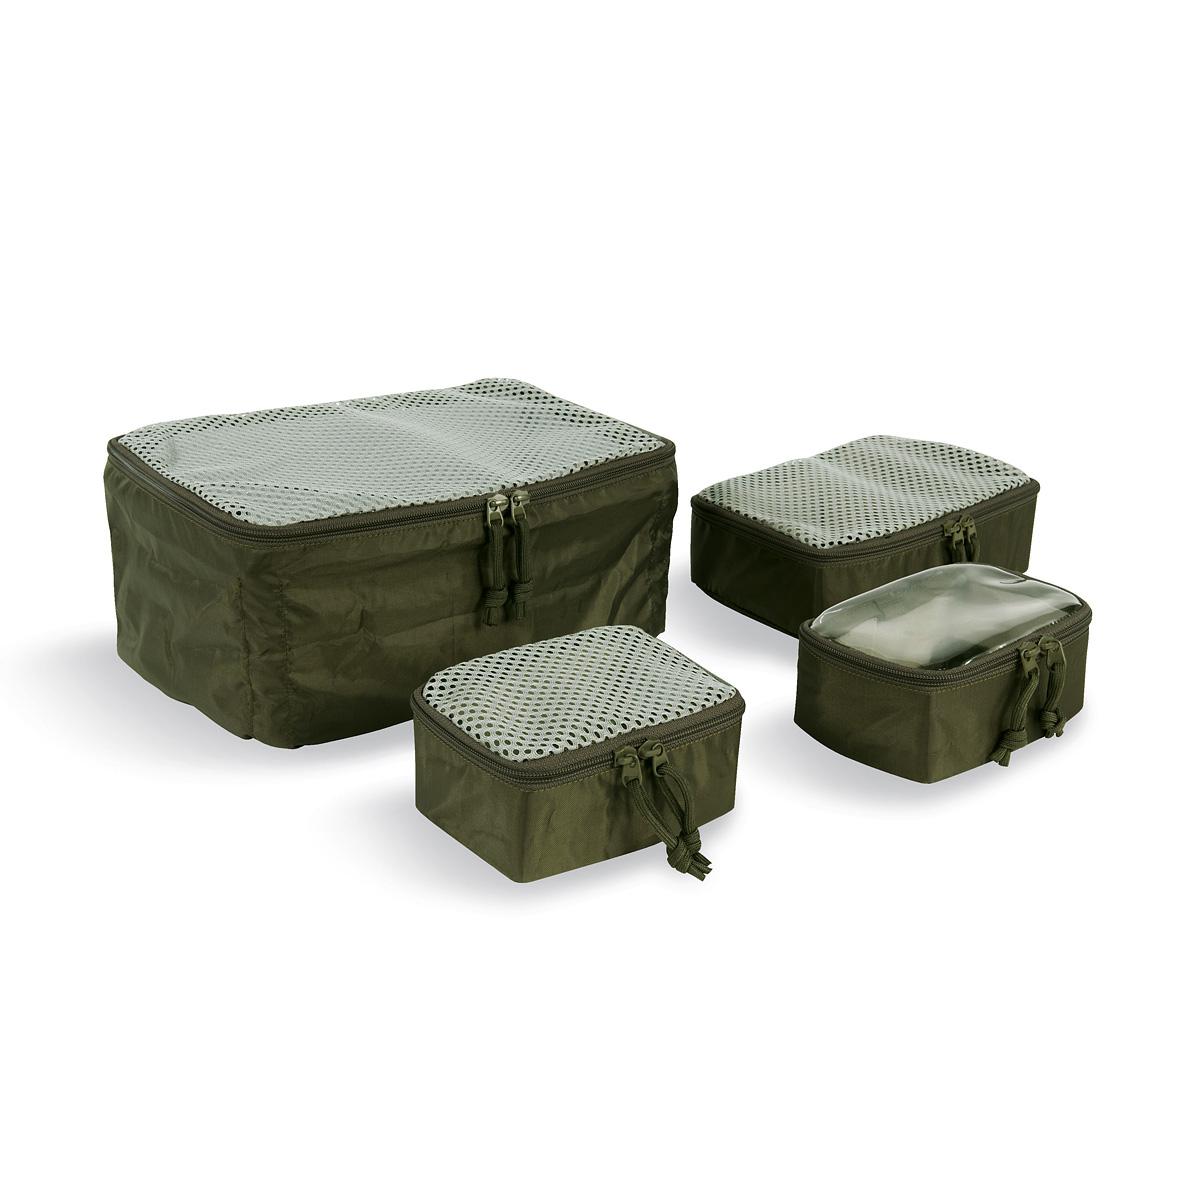 Подсумки внутренние на велкро, набор TT POUCH SET olive, 7571.331, Подсумки - арт. 821280193